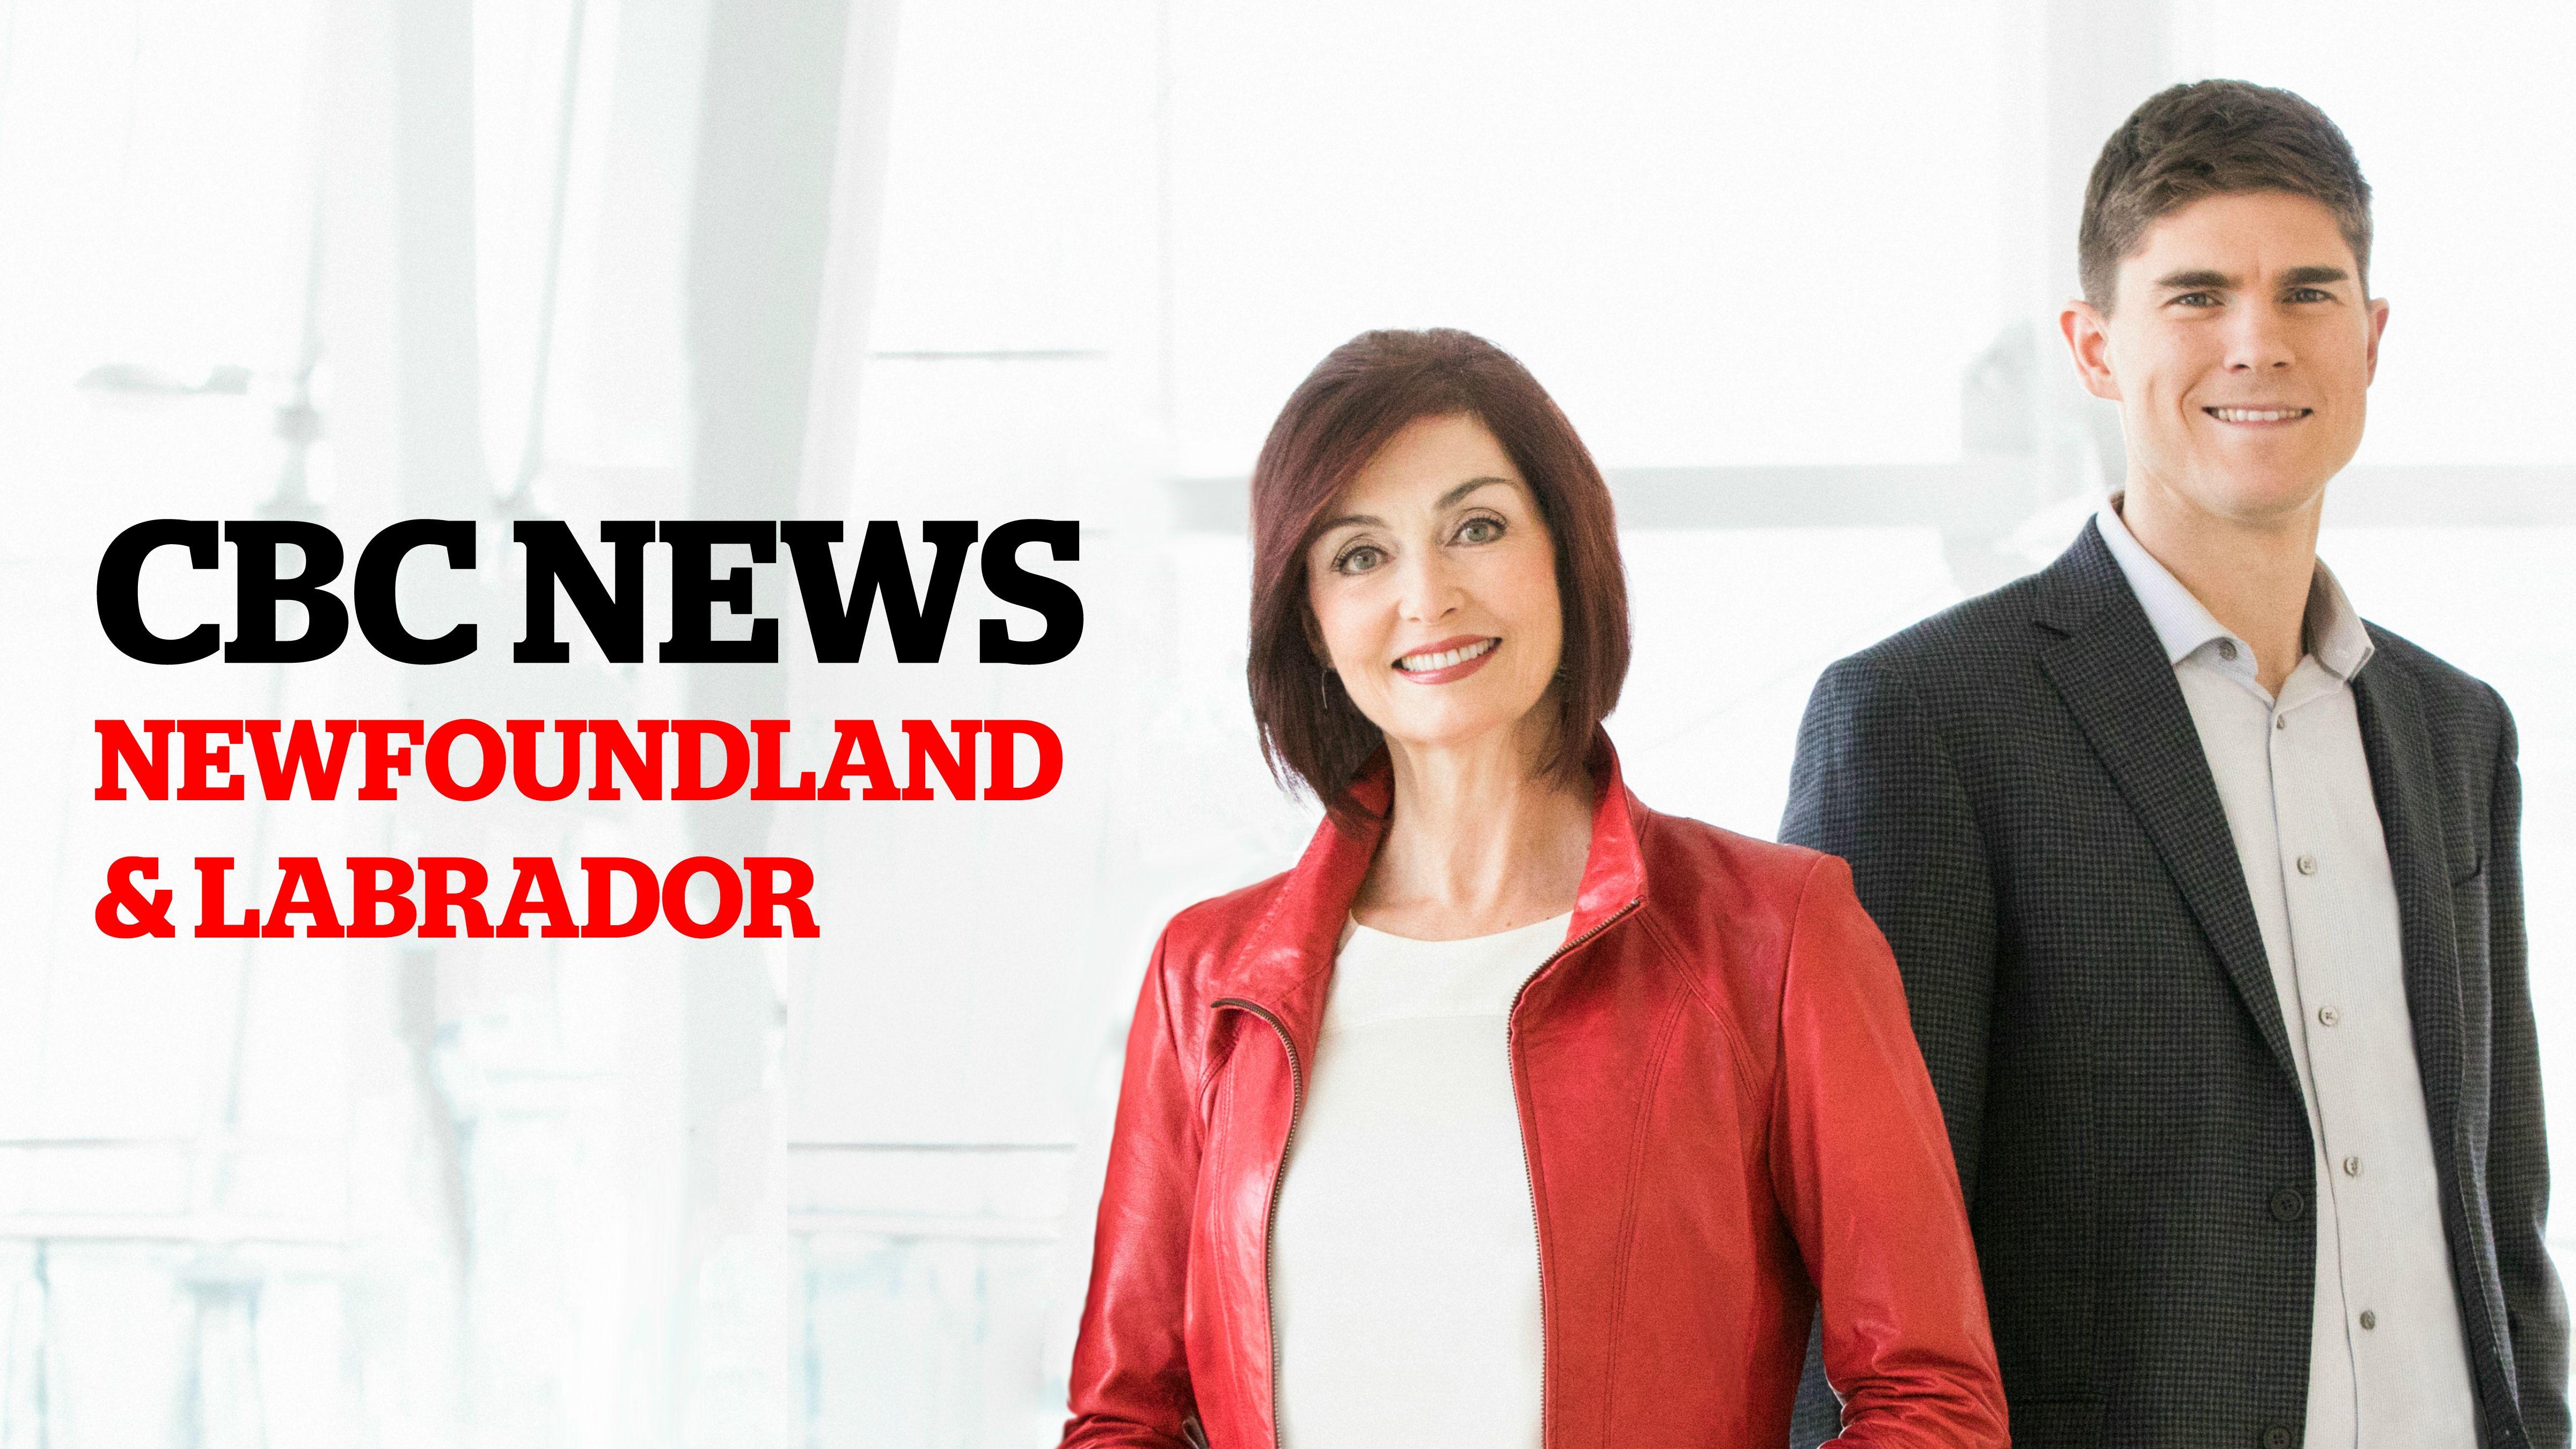 CBC News Newfoundland & Labrador